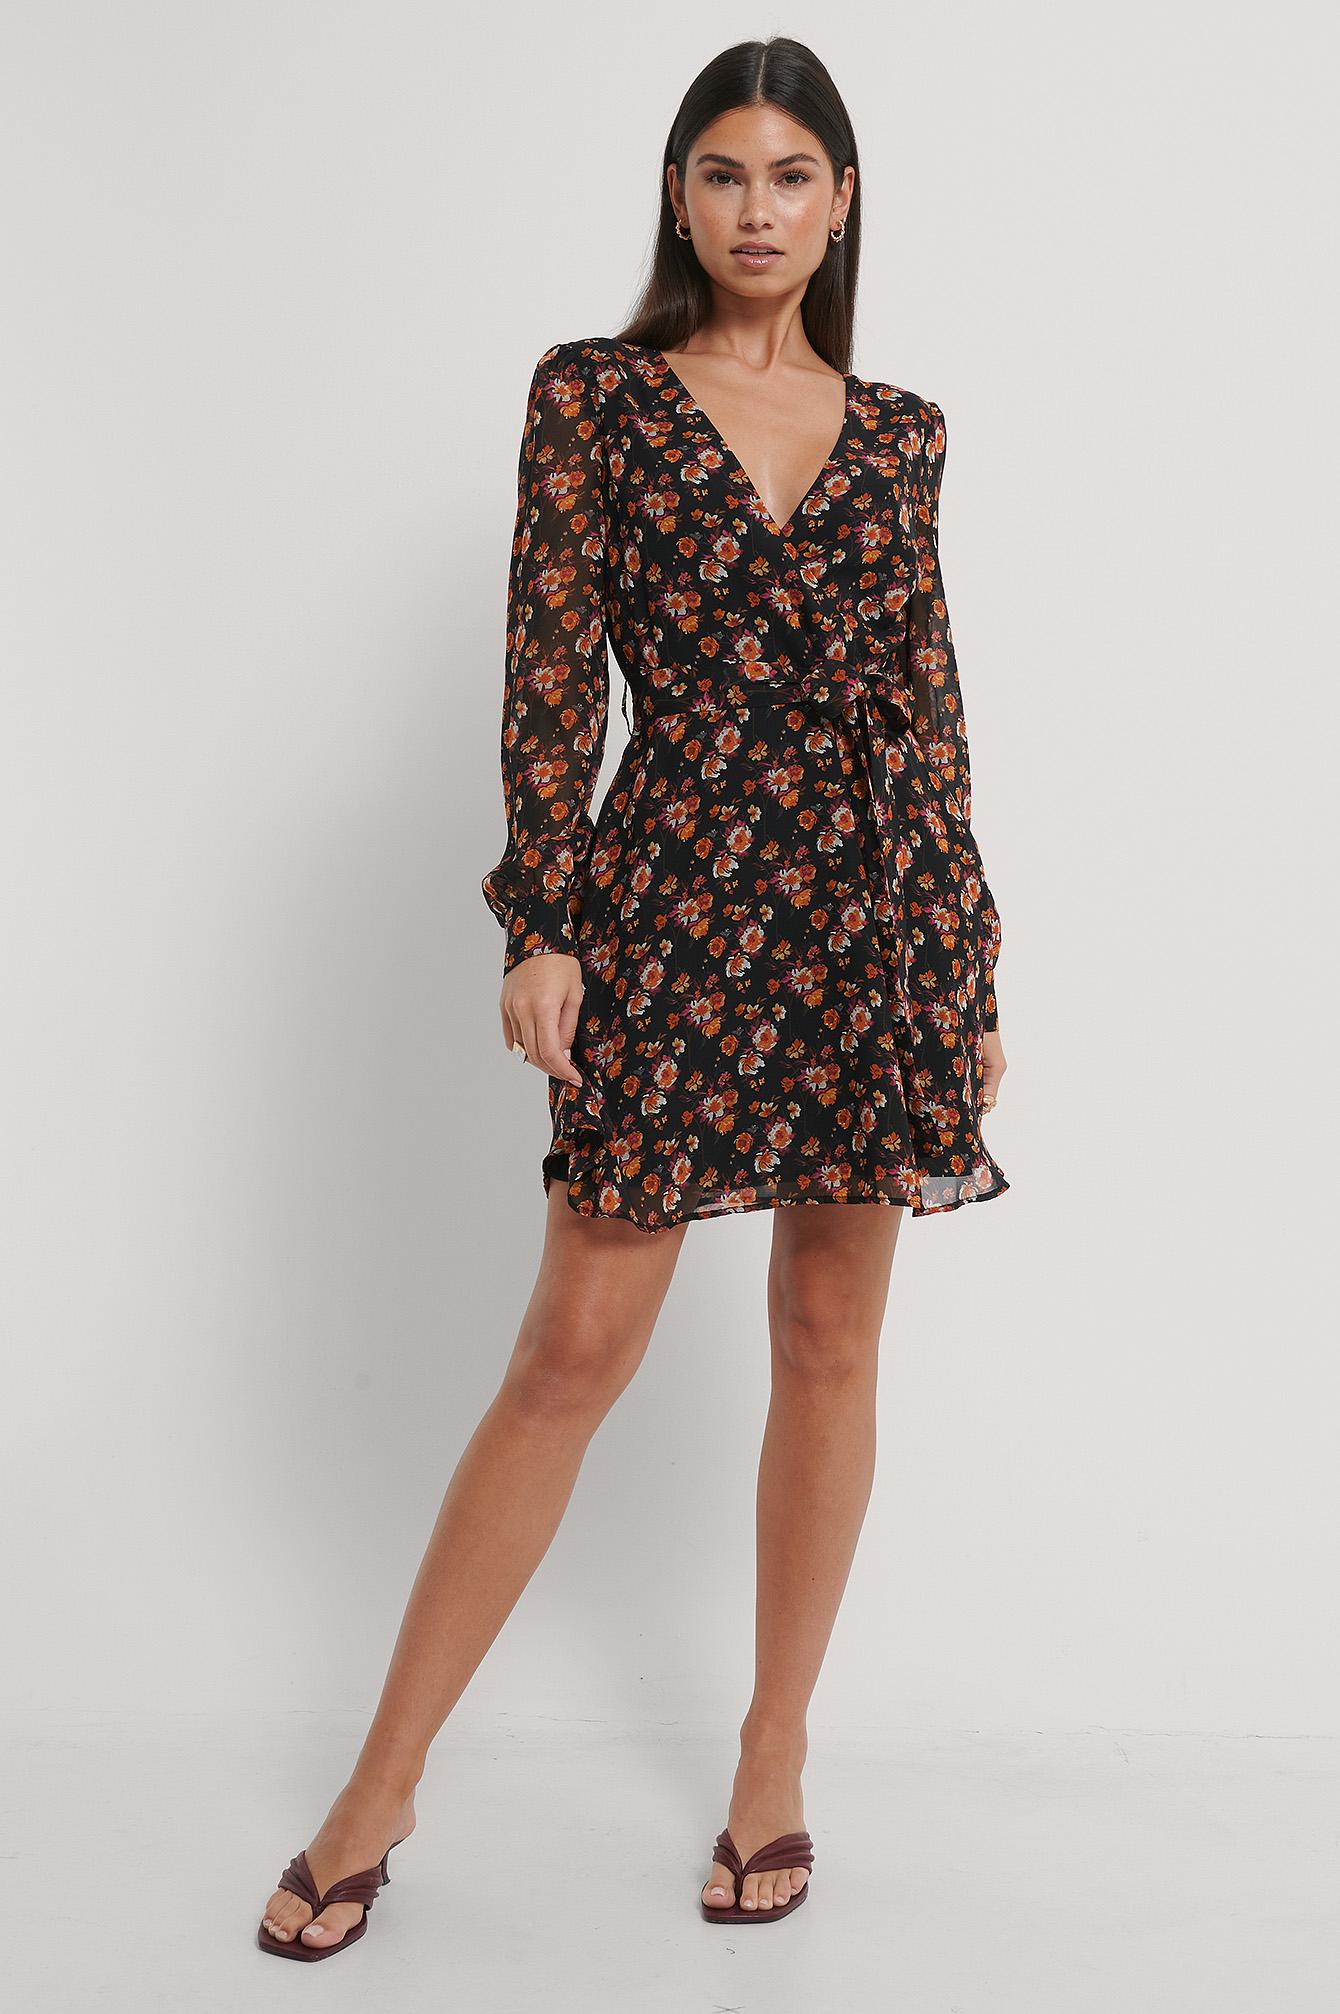 Abendkleider Online Kaufe Noch Heute Dein Abendkleid Na Kd Com